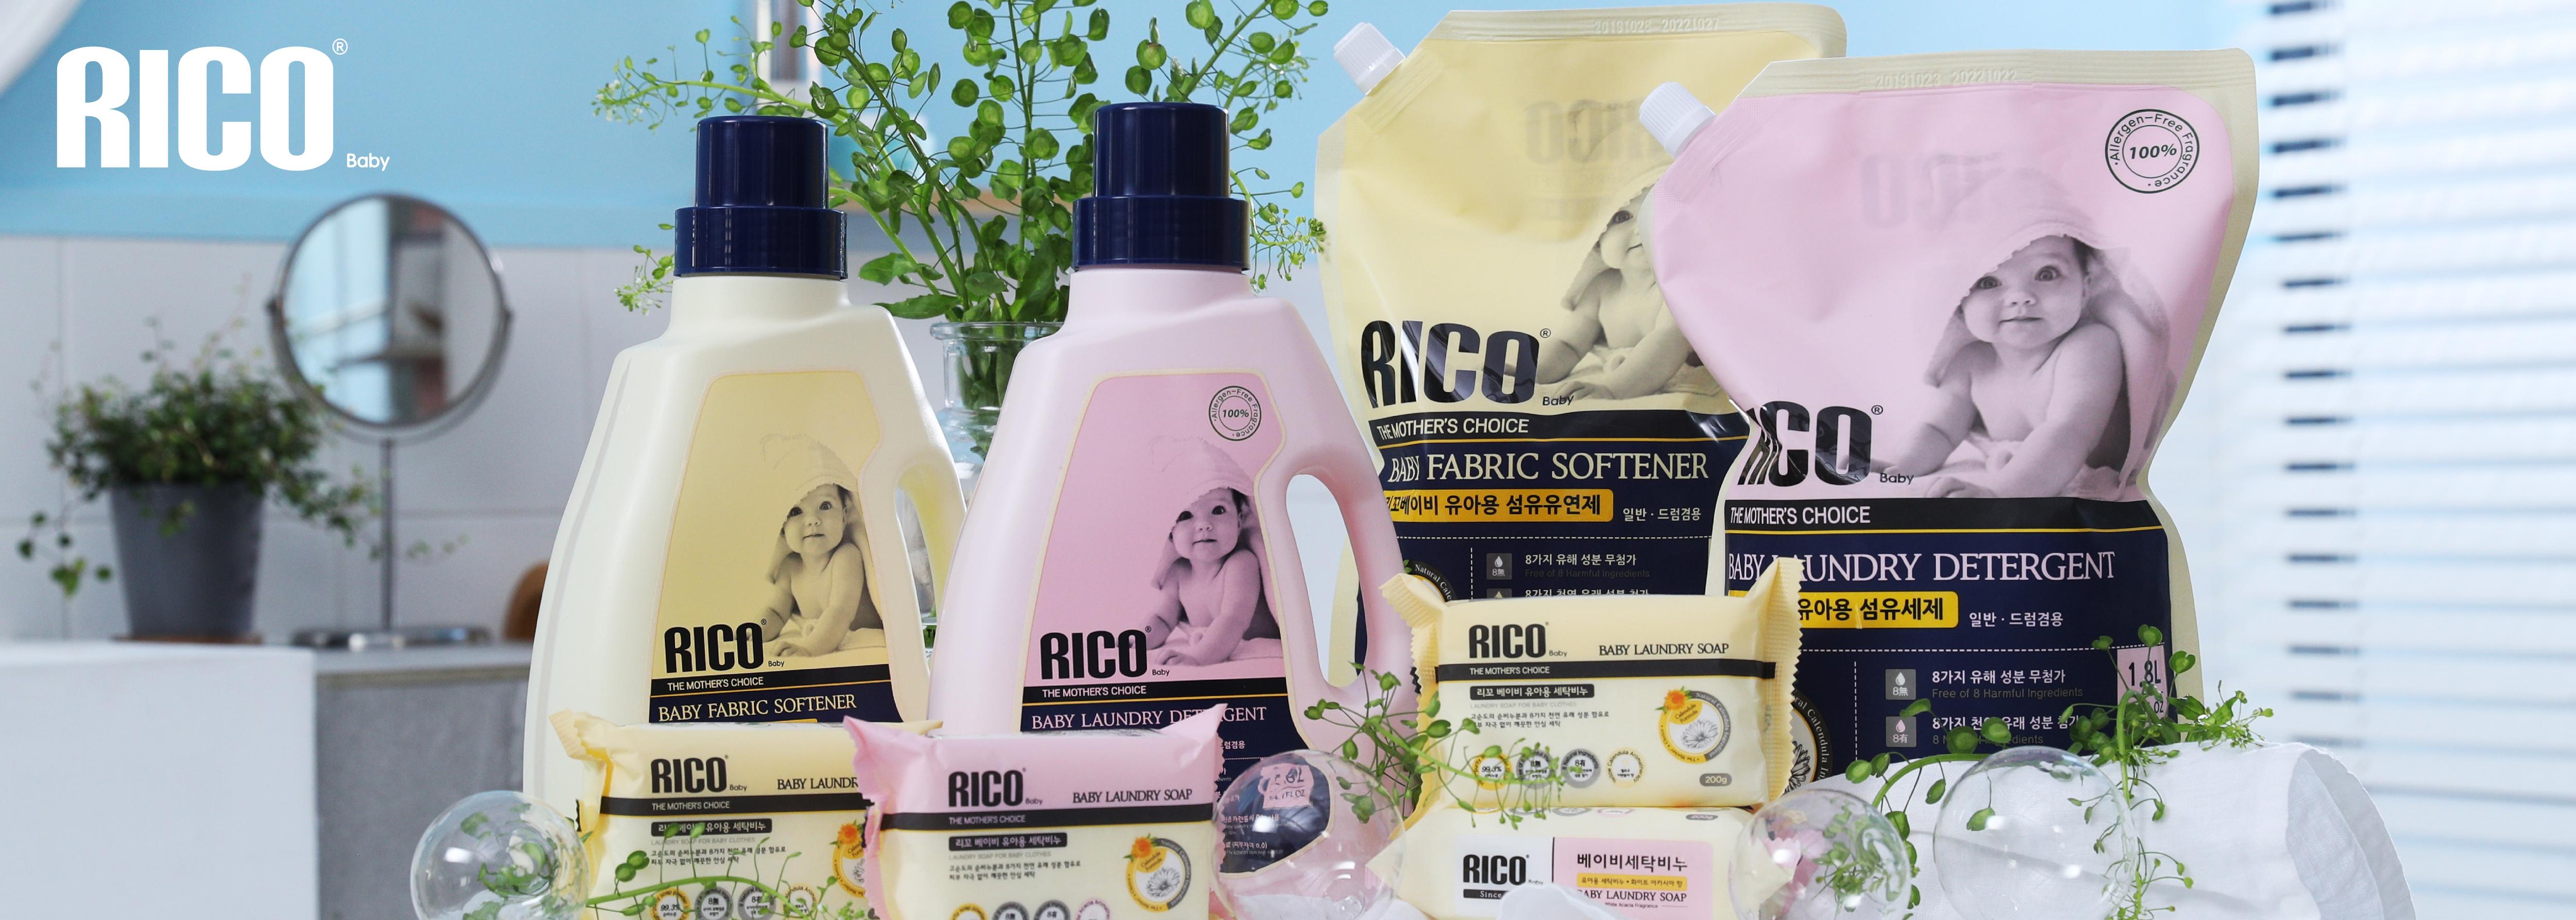 韓國RICO,嬰幼兒品牌,嬰幼兒用品,洗衣,濕紙巾,抗菌,消毒